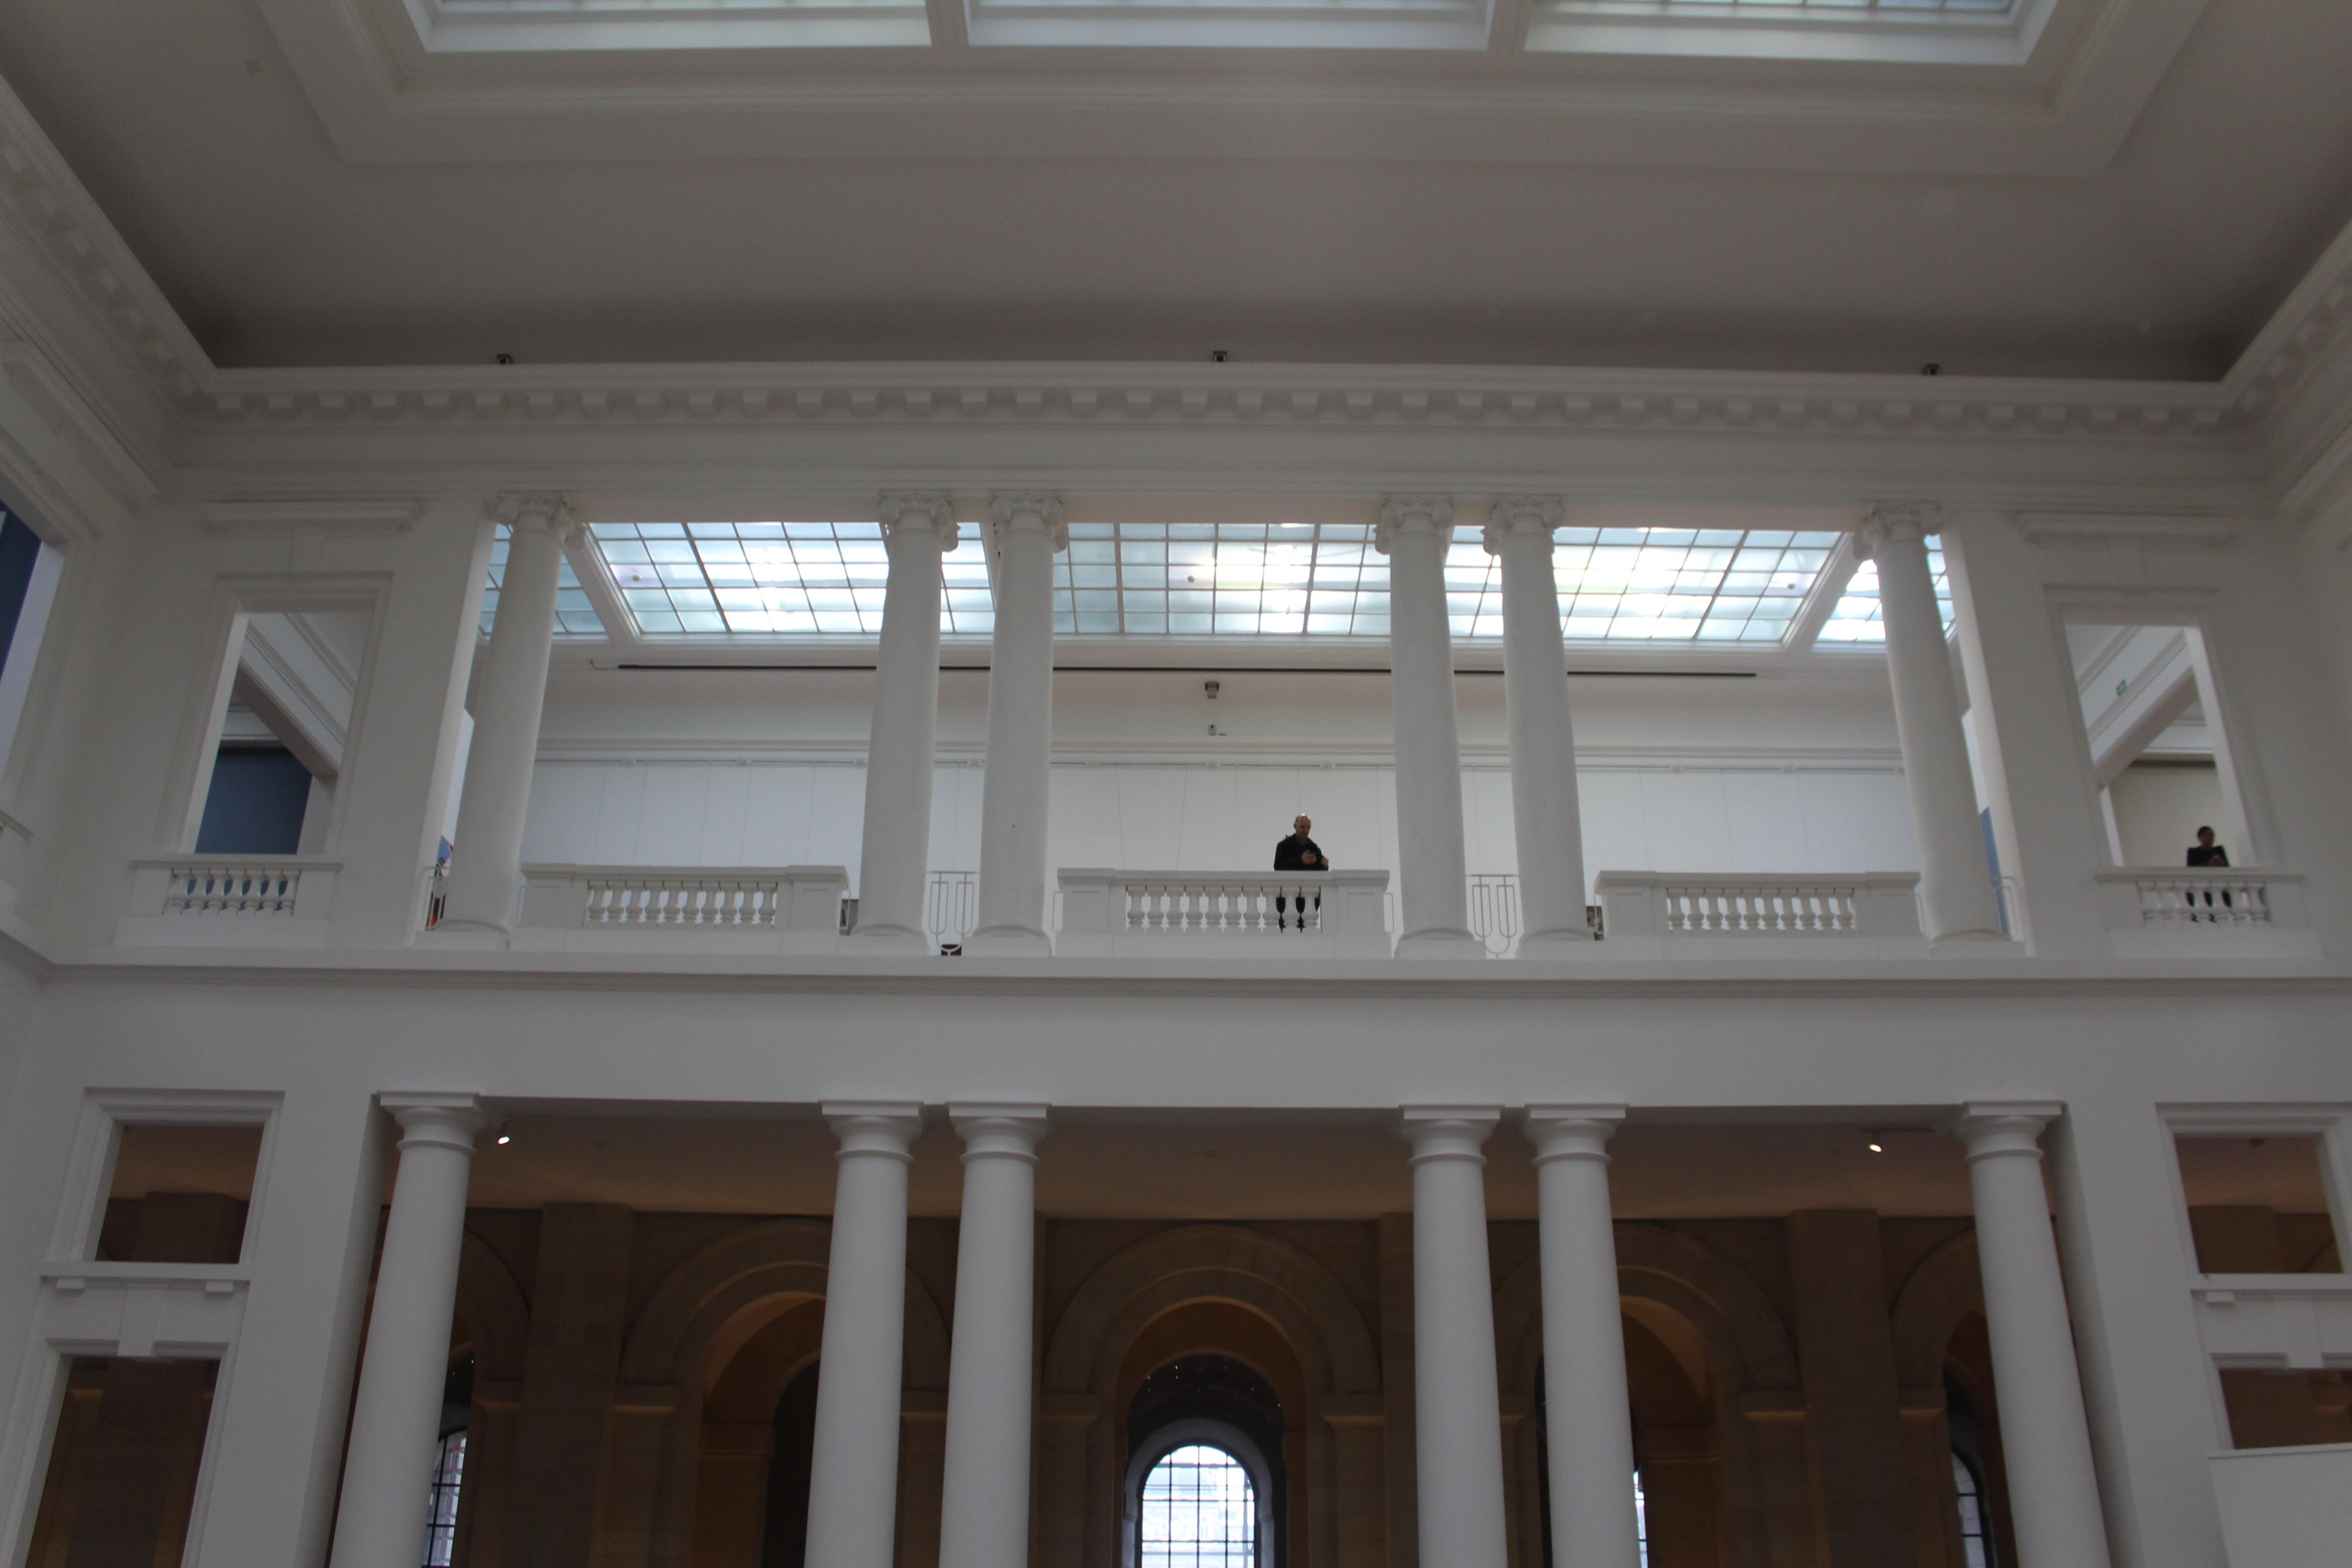 Architecte D Intérieur Lille file:palais beaux arts intérieur lille 3 - wikimedia commons